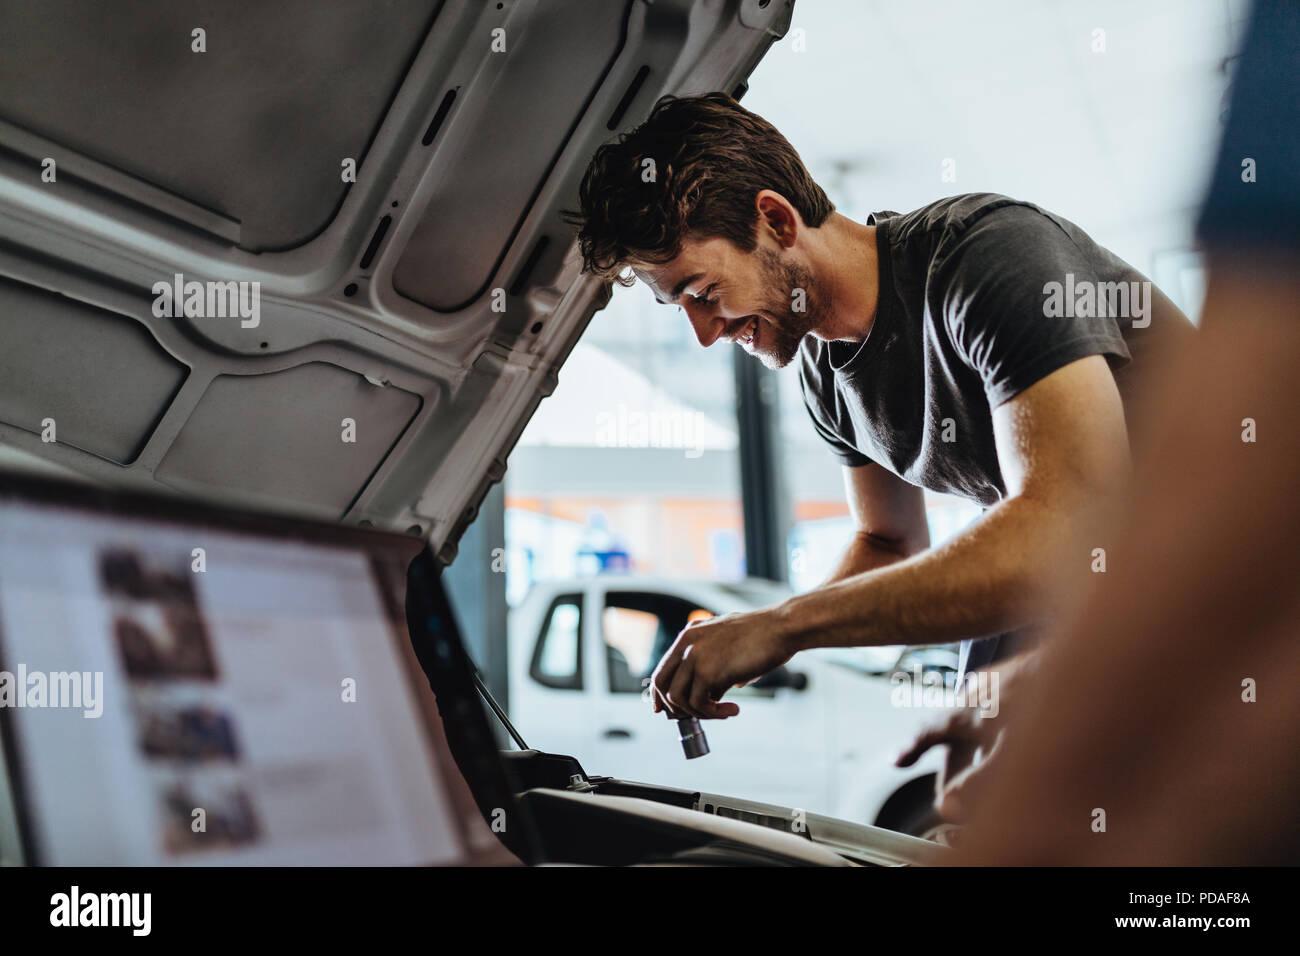 Sorridente giovane uomo che ripara la macchina in garage con un collega utilizzando laptop nella parte anteriore. Lavoro meccanico sotto il cofano di un veicolo. Immagini Stock